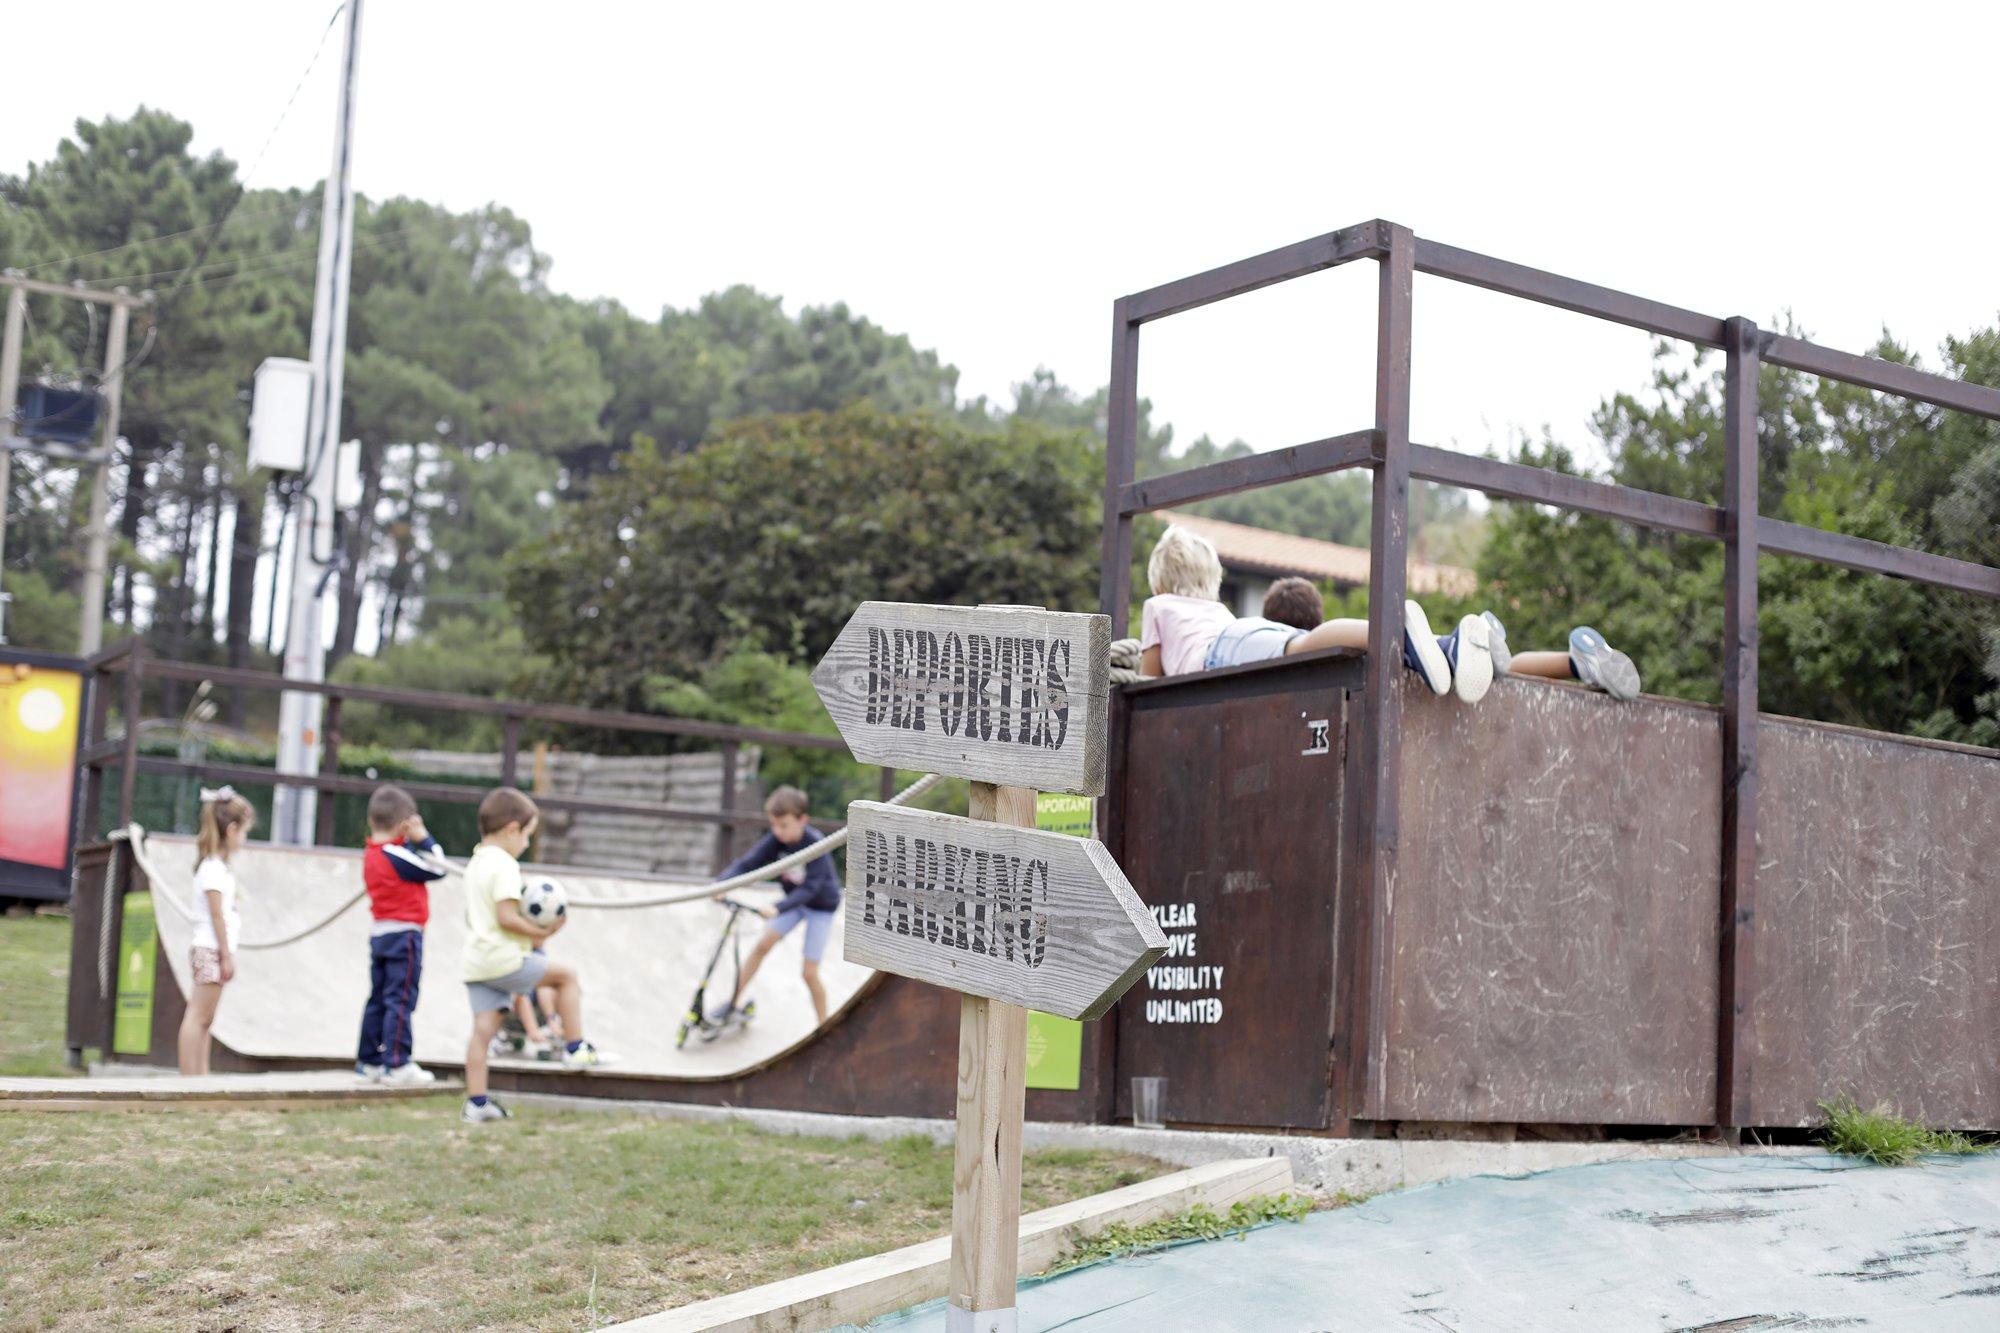 'Fangaloka' cuenta con una pista de 'skate' para que los niños practiquen piruetas.